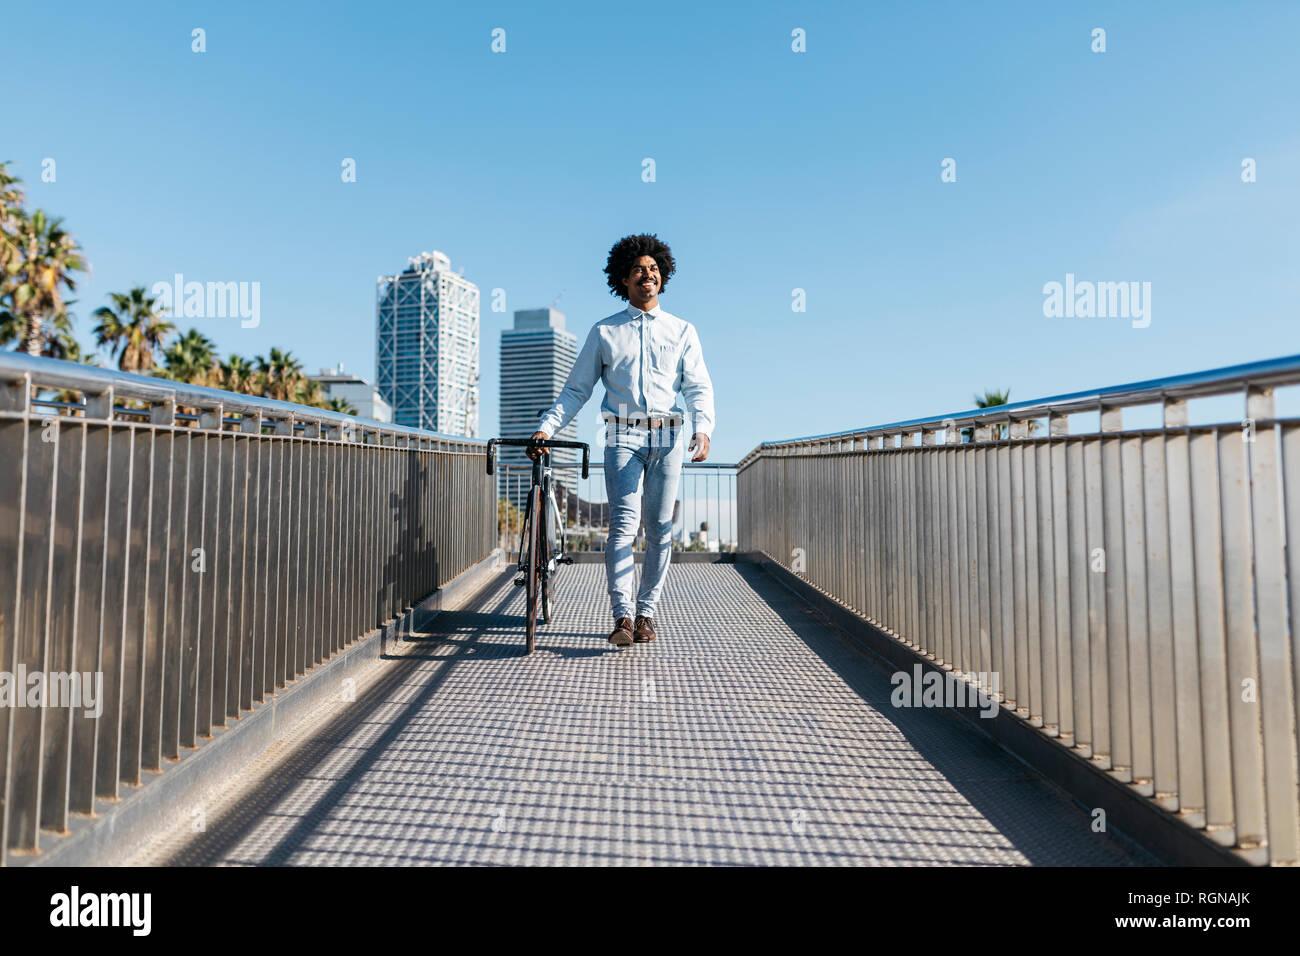 Metà uomo adulto spingendo la sua bicicletta su un ponte della città Foto Stock